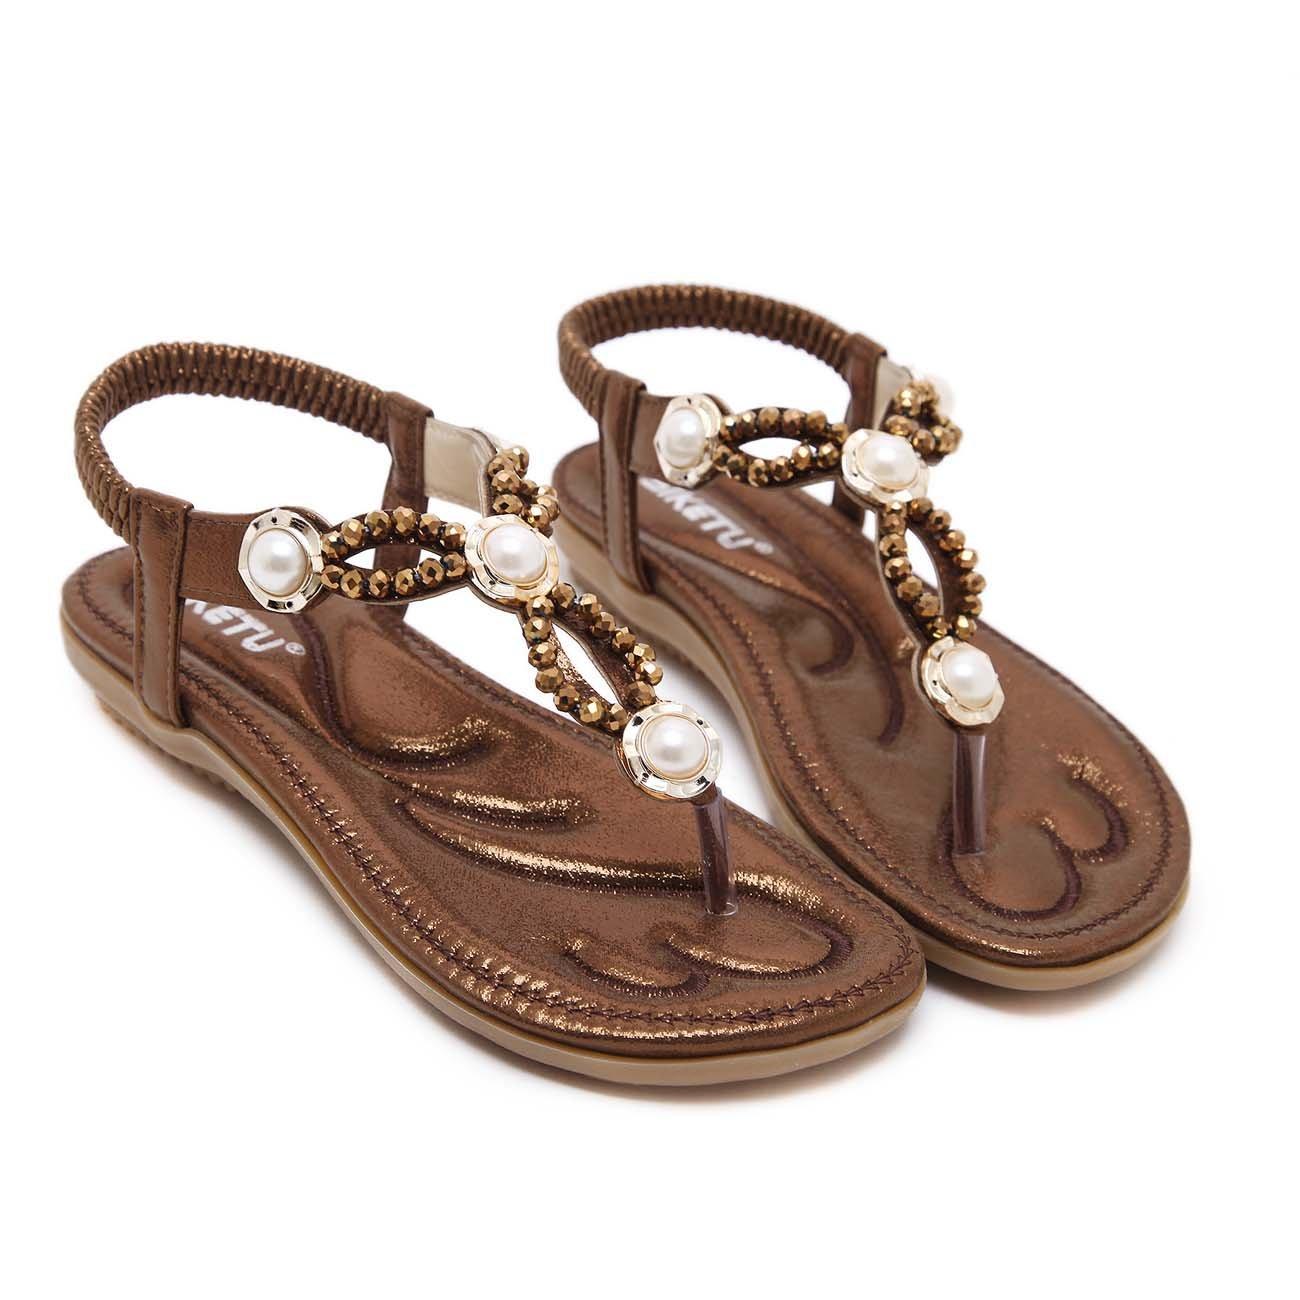 GONGFF Zapatos De Mujer De Gran Tamaño Sandalias De Playa Diarias Cómodas Zapatillas De Zapatos Individuales Perlas De Diamantes De Imitación Zapatos Planos Zapatos De Gran Tamaño